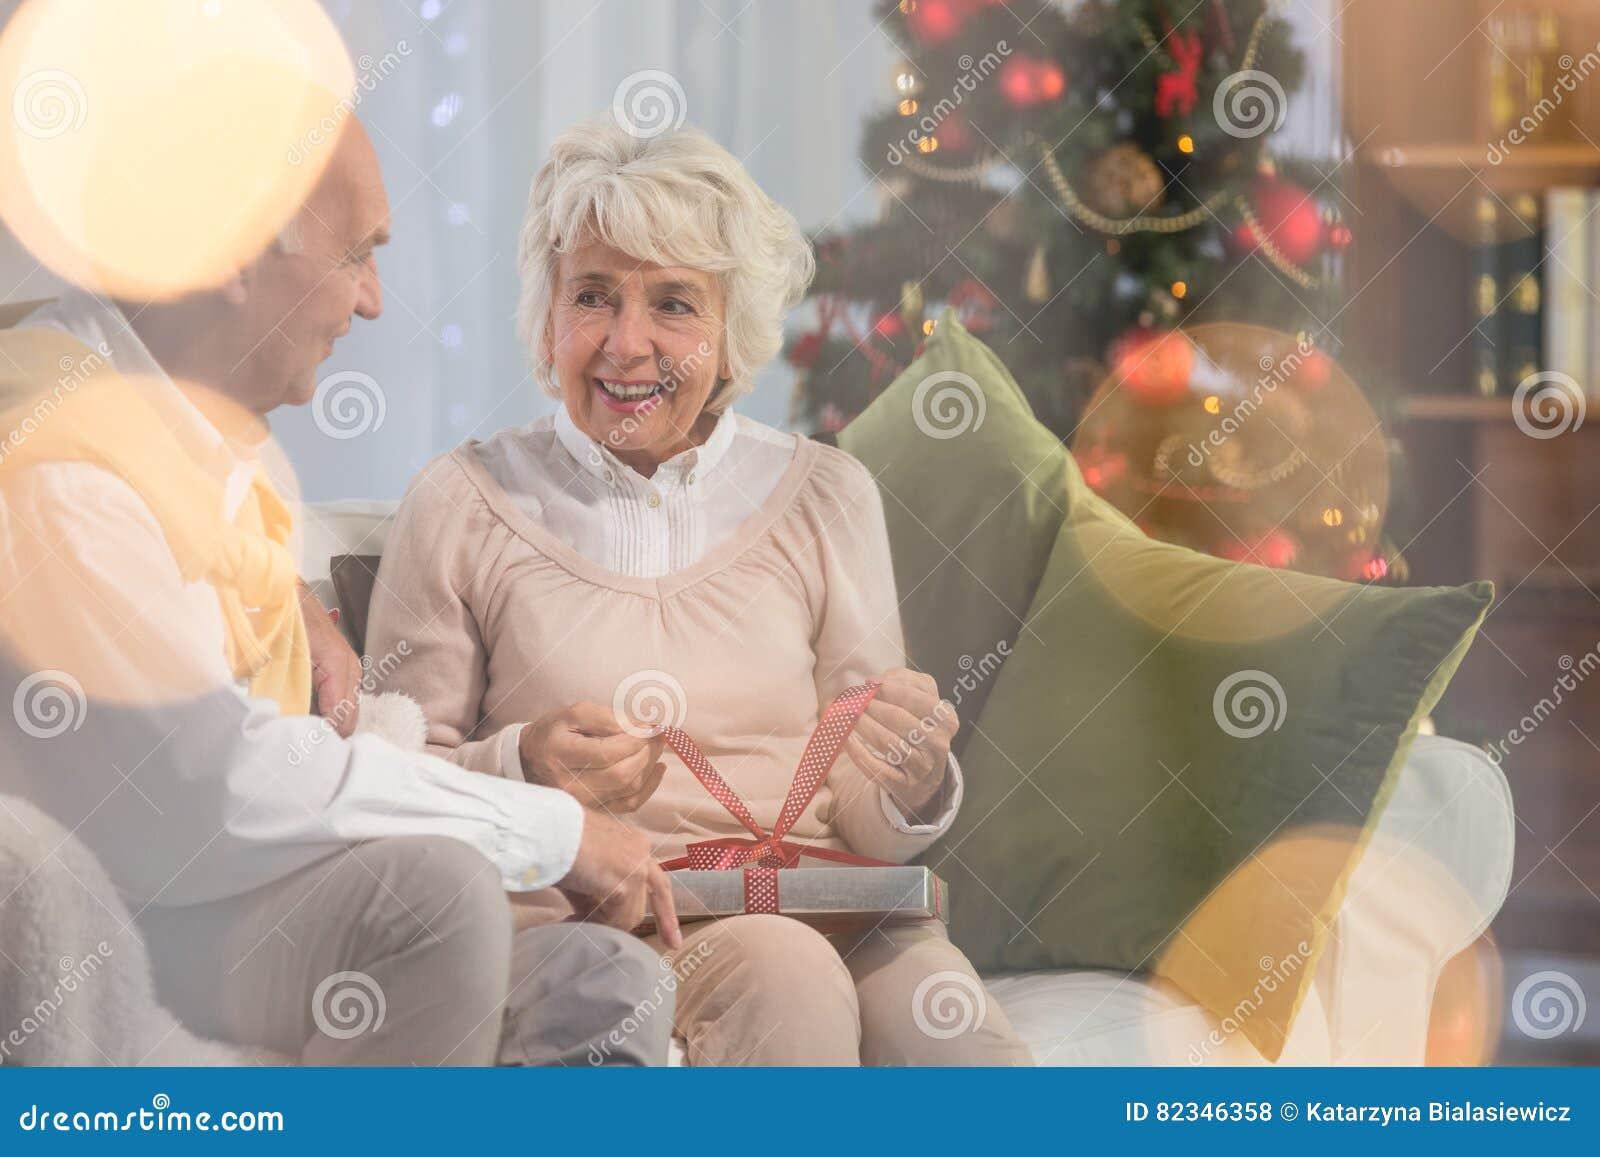 Ältere Frau, Die Geschenk Vom Ehemann Empfängt Stockfoto - Bild von ...